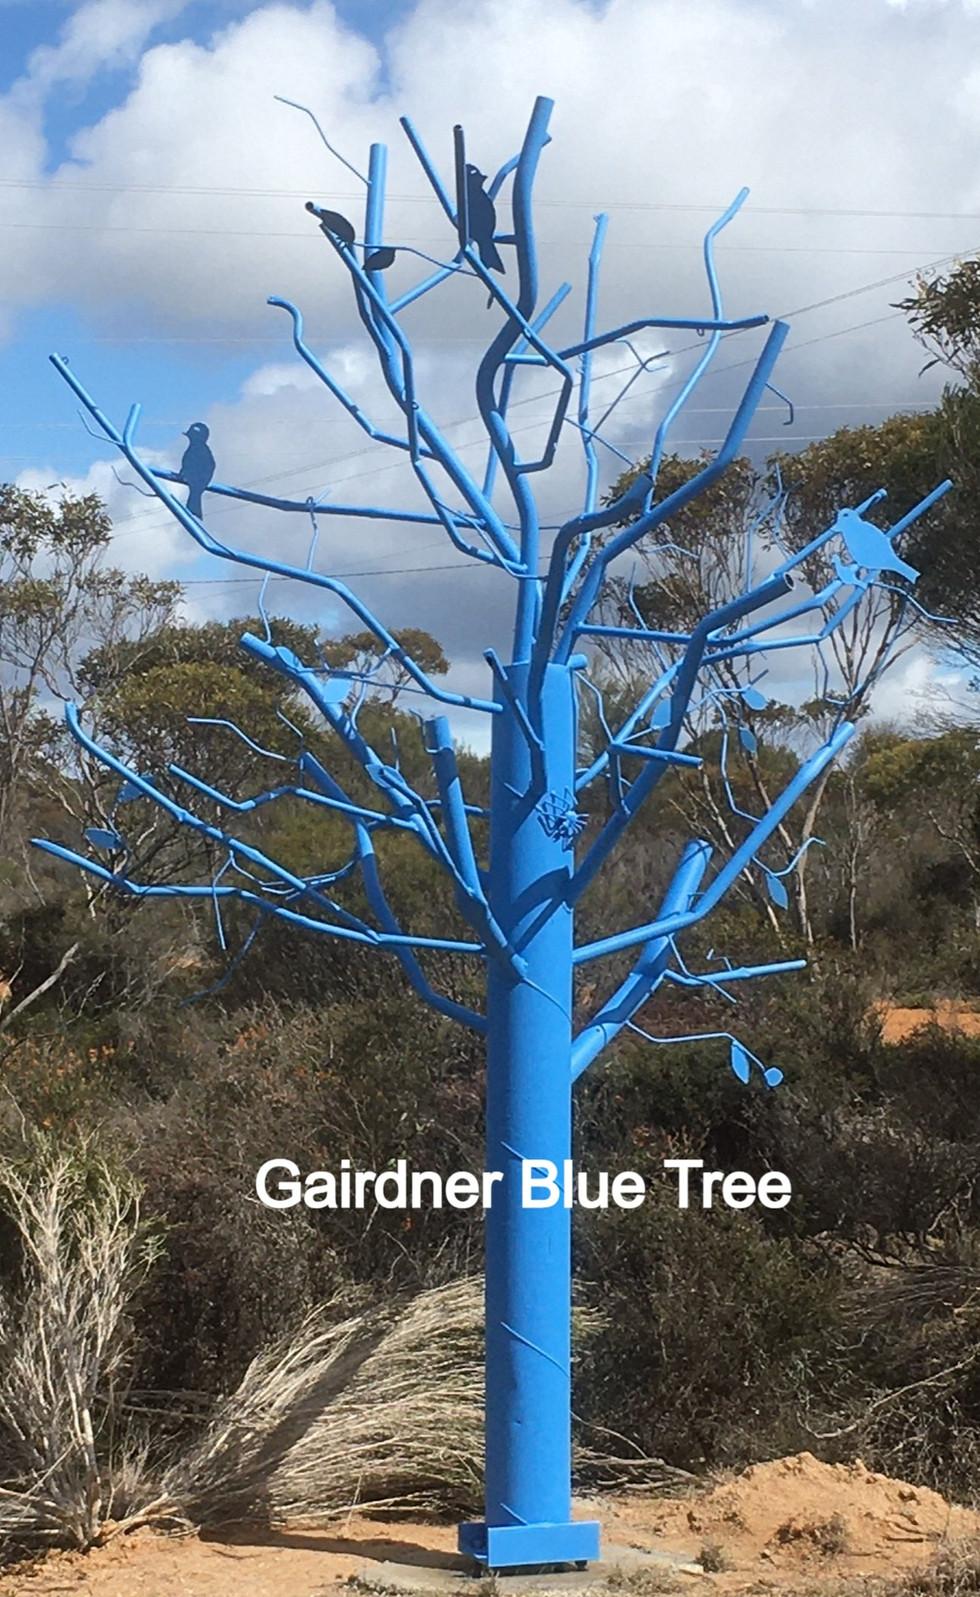 Gairdner Blue Tree